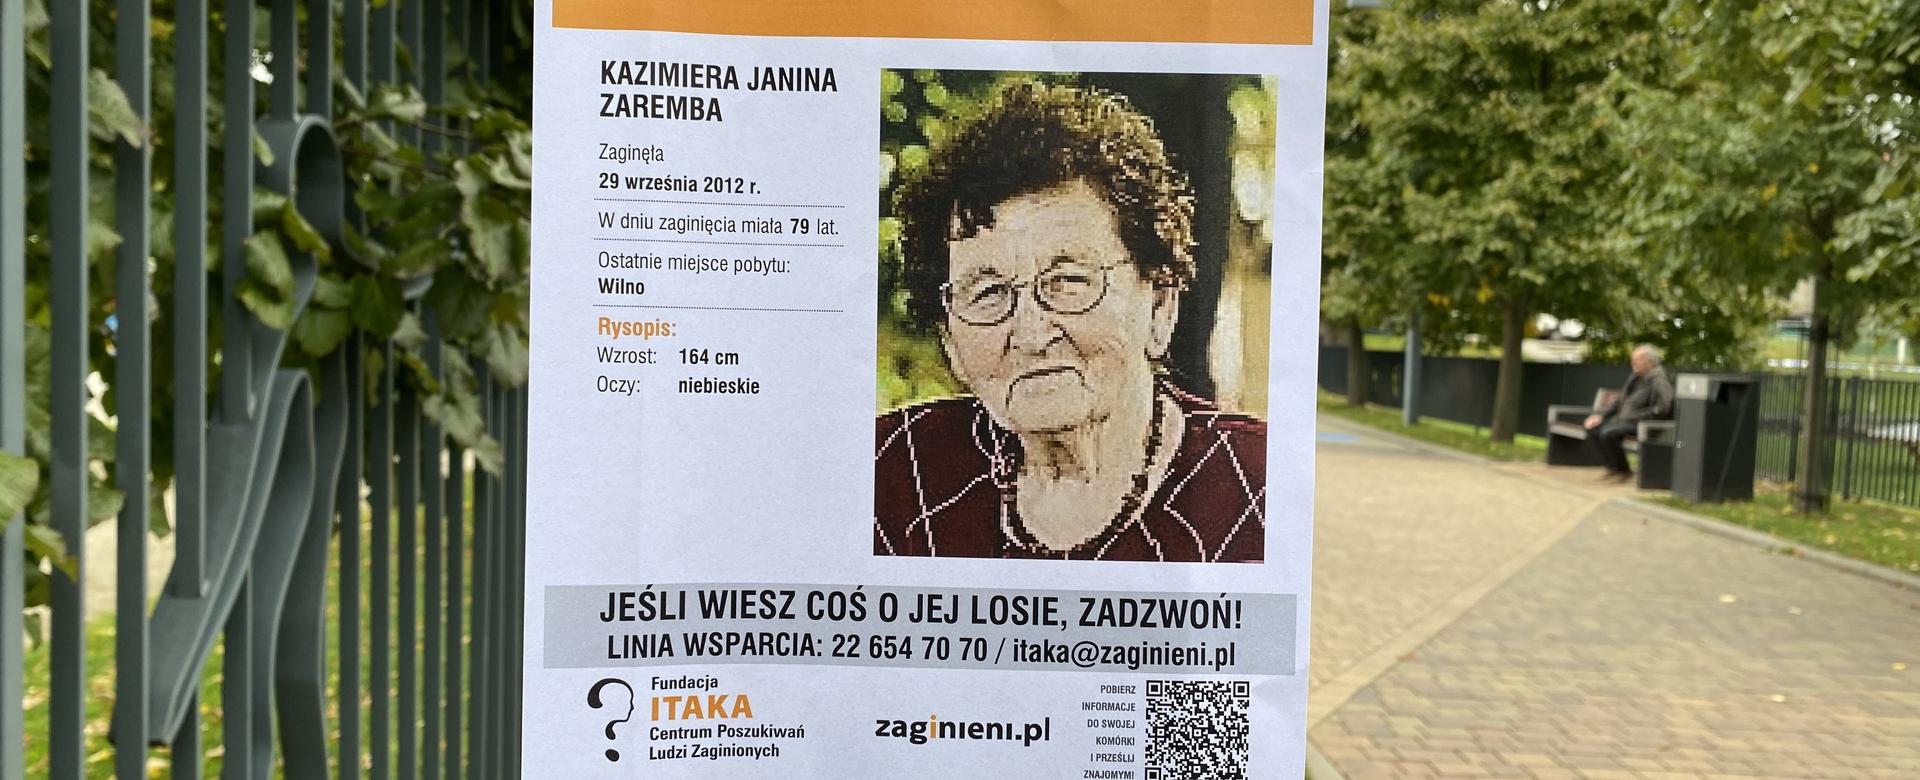 Plakat informujący o zaginięciu Kazimiery Zaremby